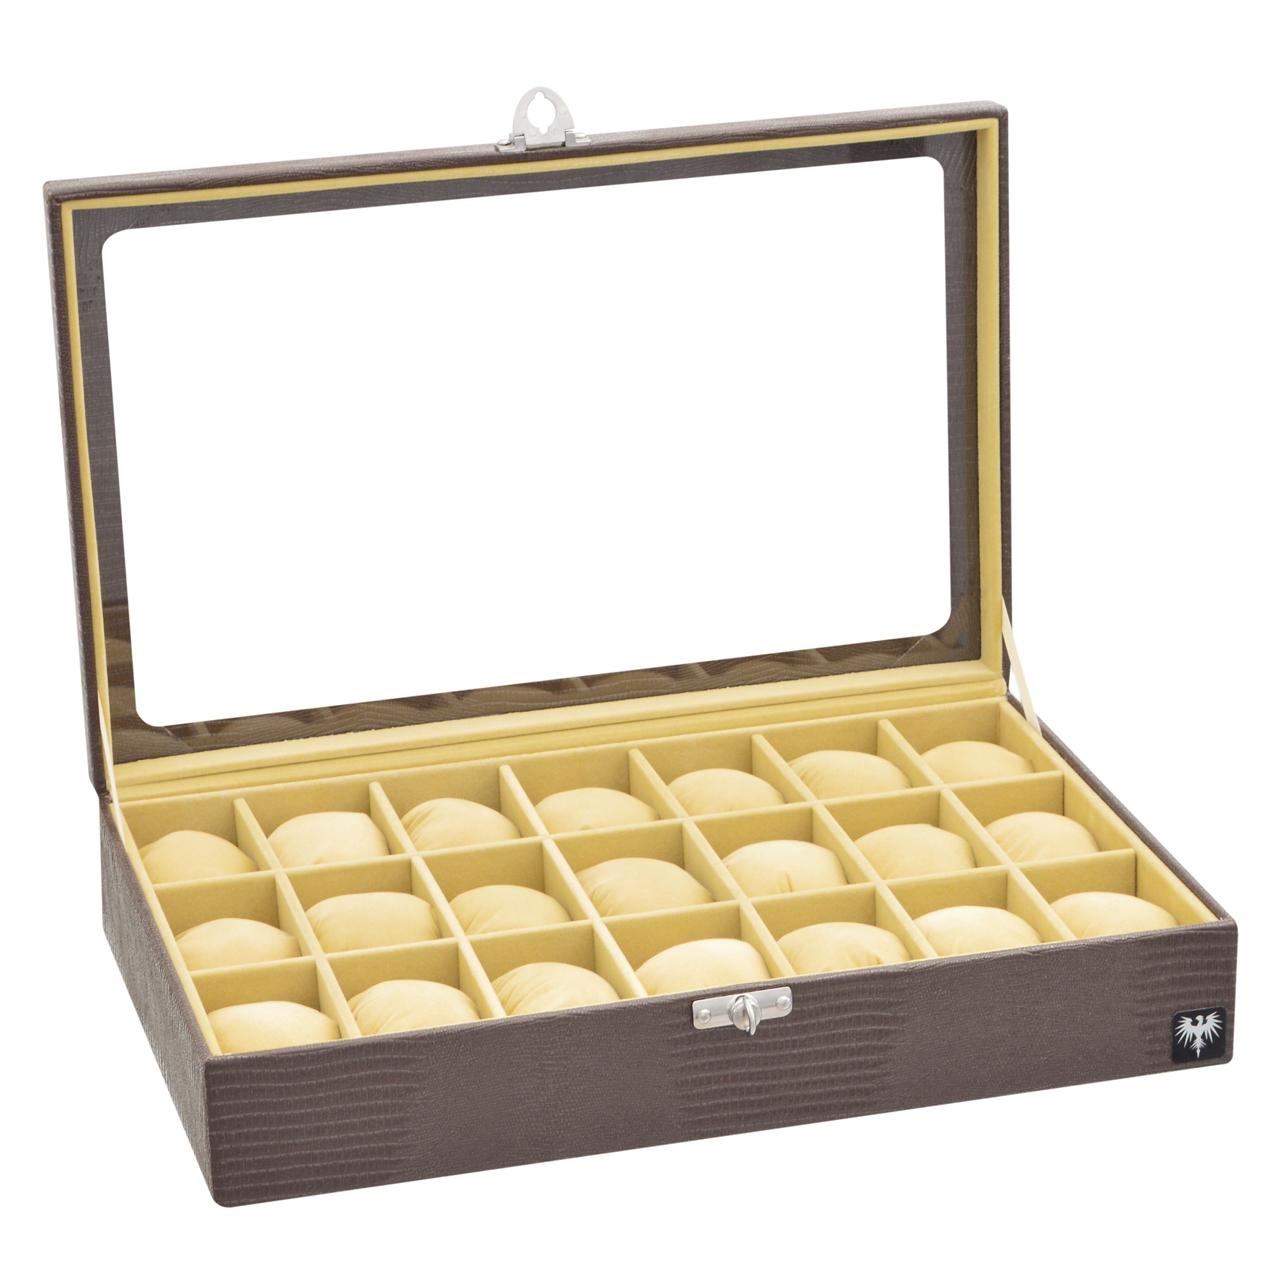 estojo-couro-ecologico-21-relogios-marrom-bege-porta-caixa-imagem-5.jpg